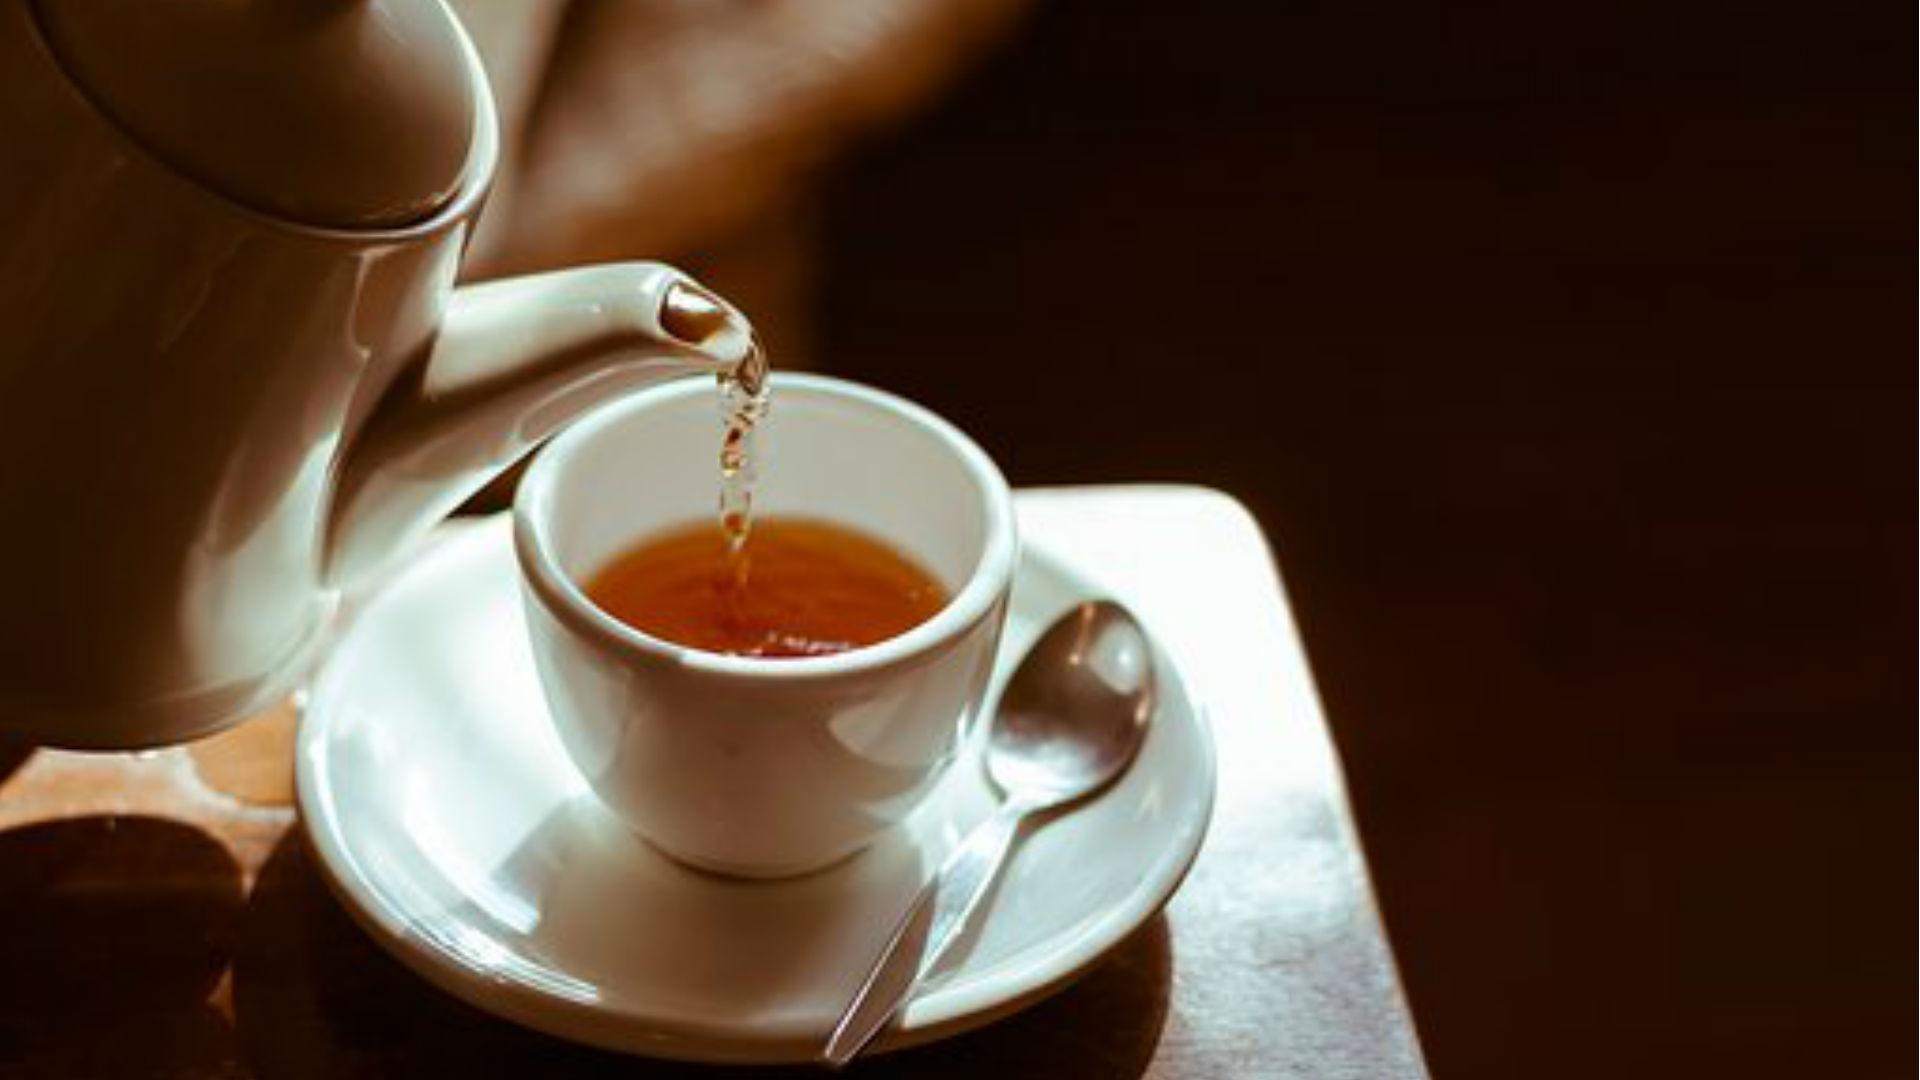 Health Tips: क्या आप पेट की सूजन और गैस की समस्या से हैं परेशान? पलभर में राहत दिलाएंगी ये हर्बल चाय